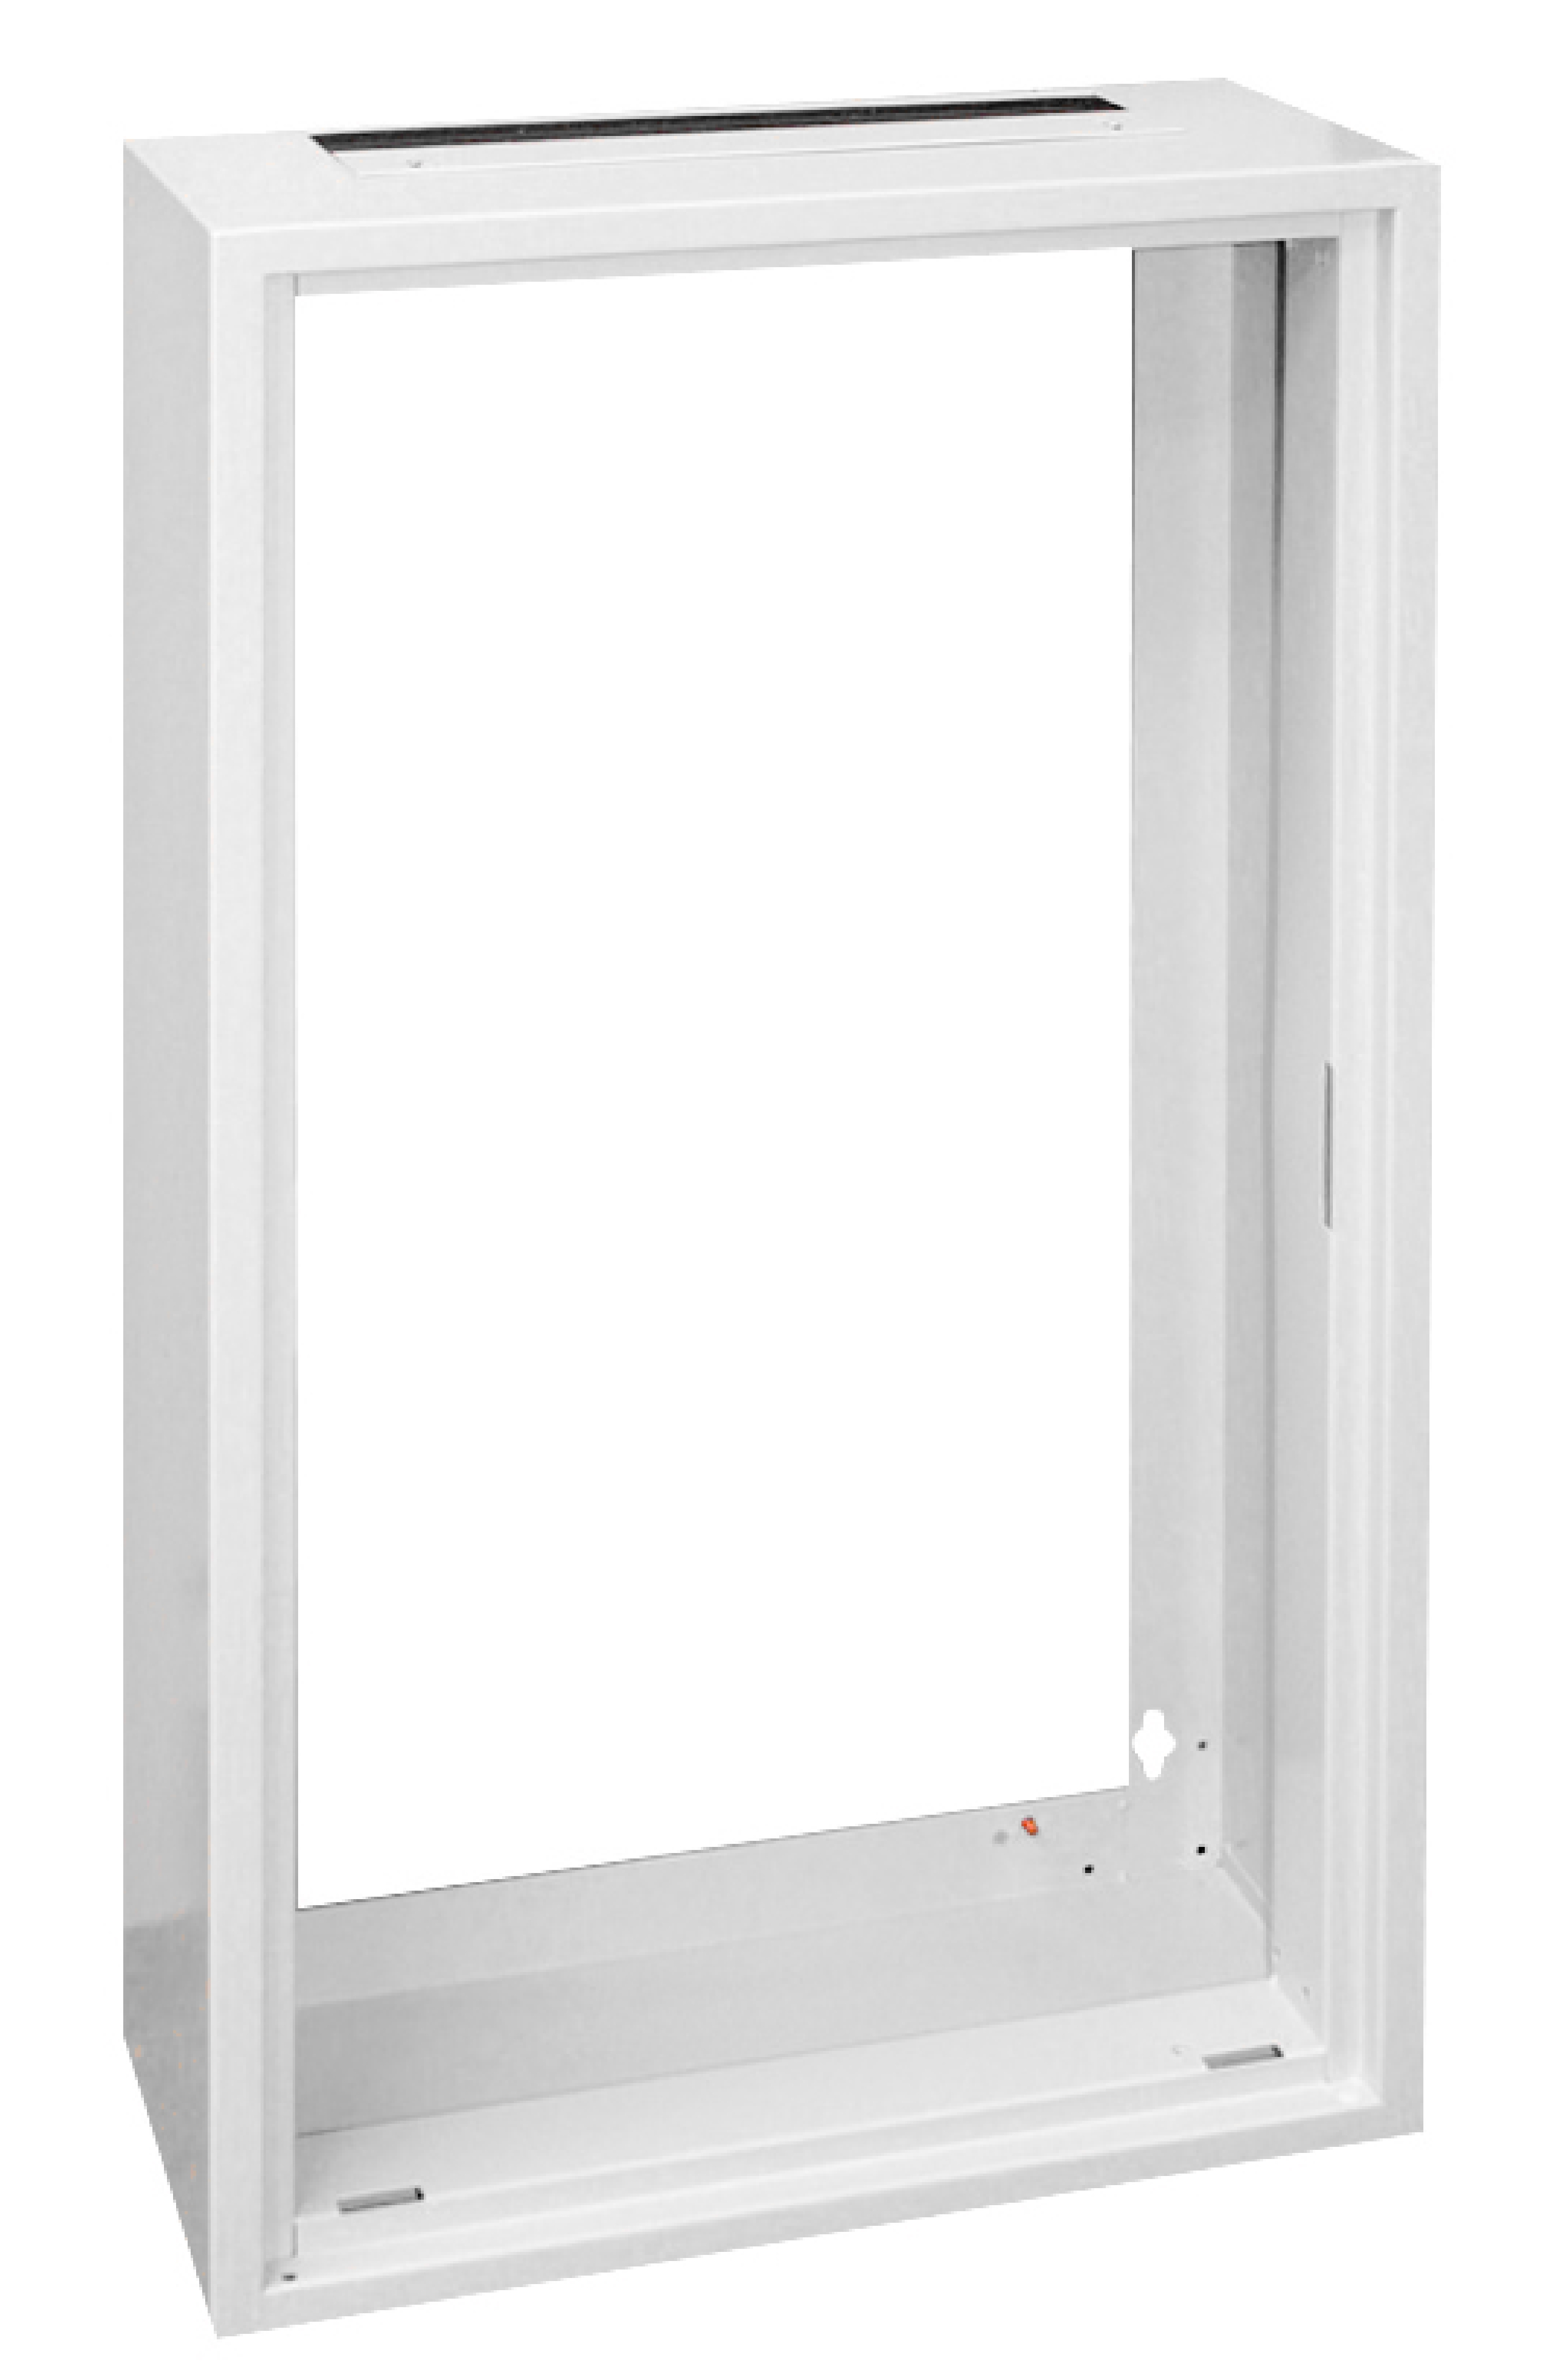 1 Stk AP-Rahmen ohne Türe und Rückwand 5A-24, H1195B1230T250mm IL001524-F